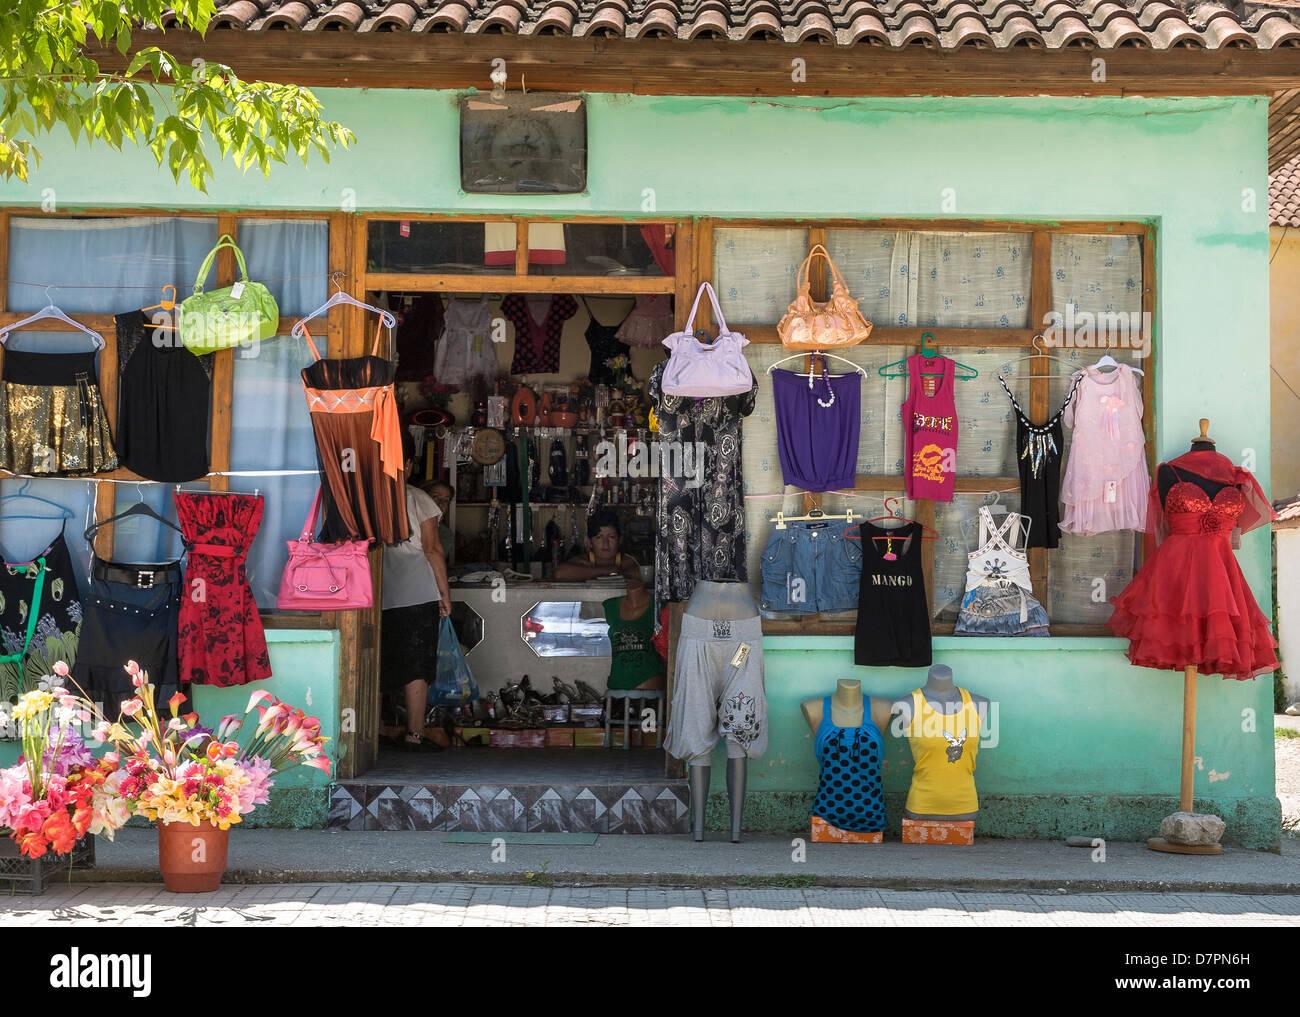 Shopping online, Albania. 11K likes. Produket porositen online edhe porosia vonohet dite. Ofrojme edhe veshje te perdorura te cilat jane gjendje.